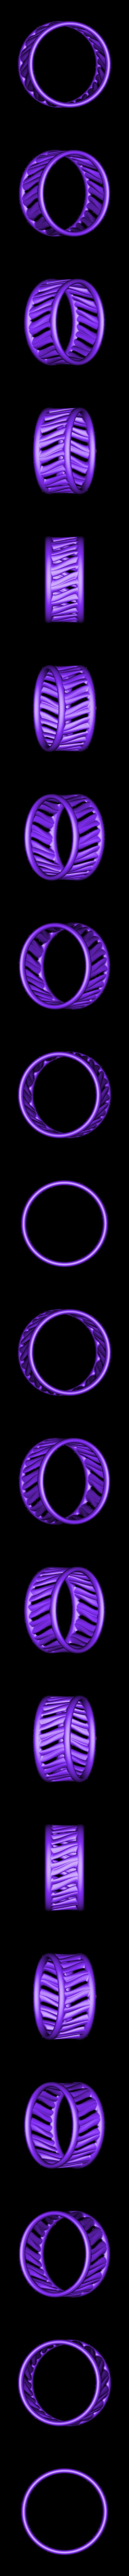 PI-Bracelet-ring_W1D.stl Télécharger fichier STL gratuit Bracelet Palmiga - Collection Bague • Plan imprimable en 3D, Palmiga